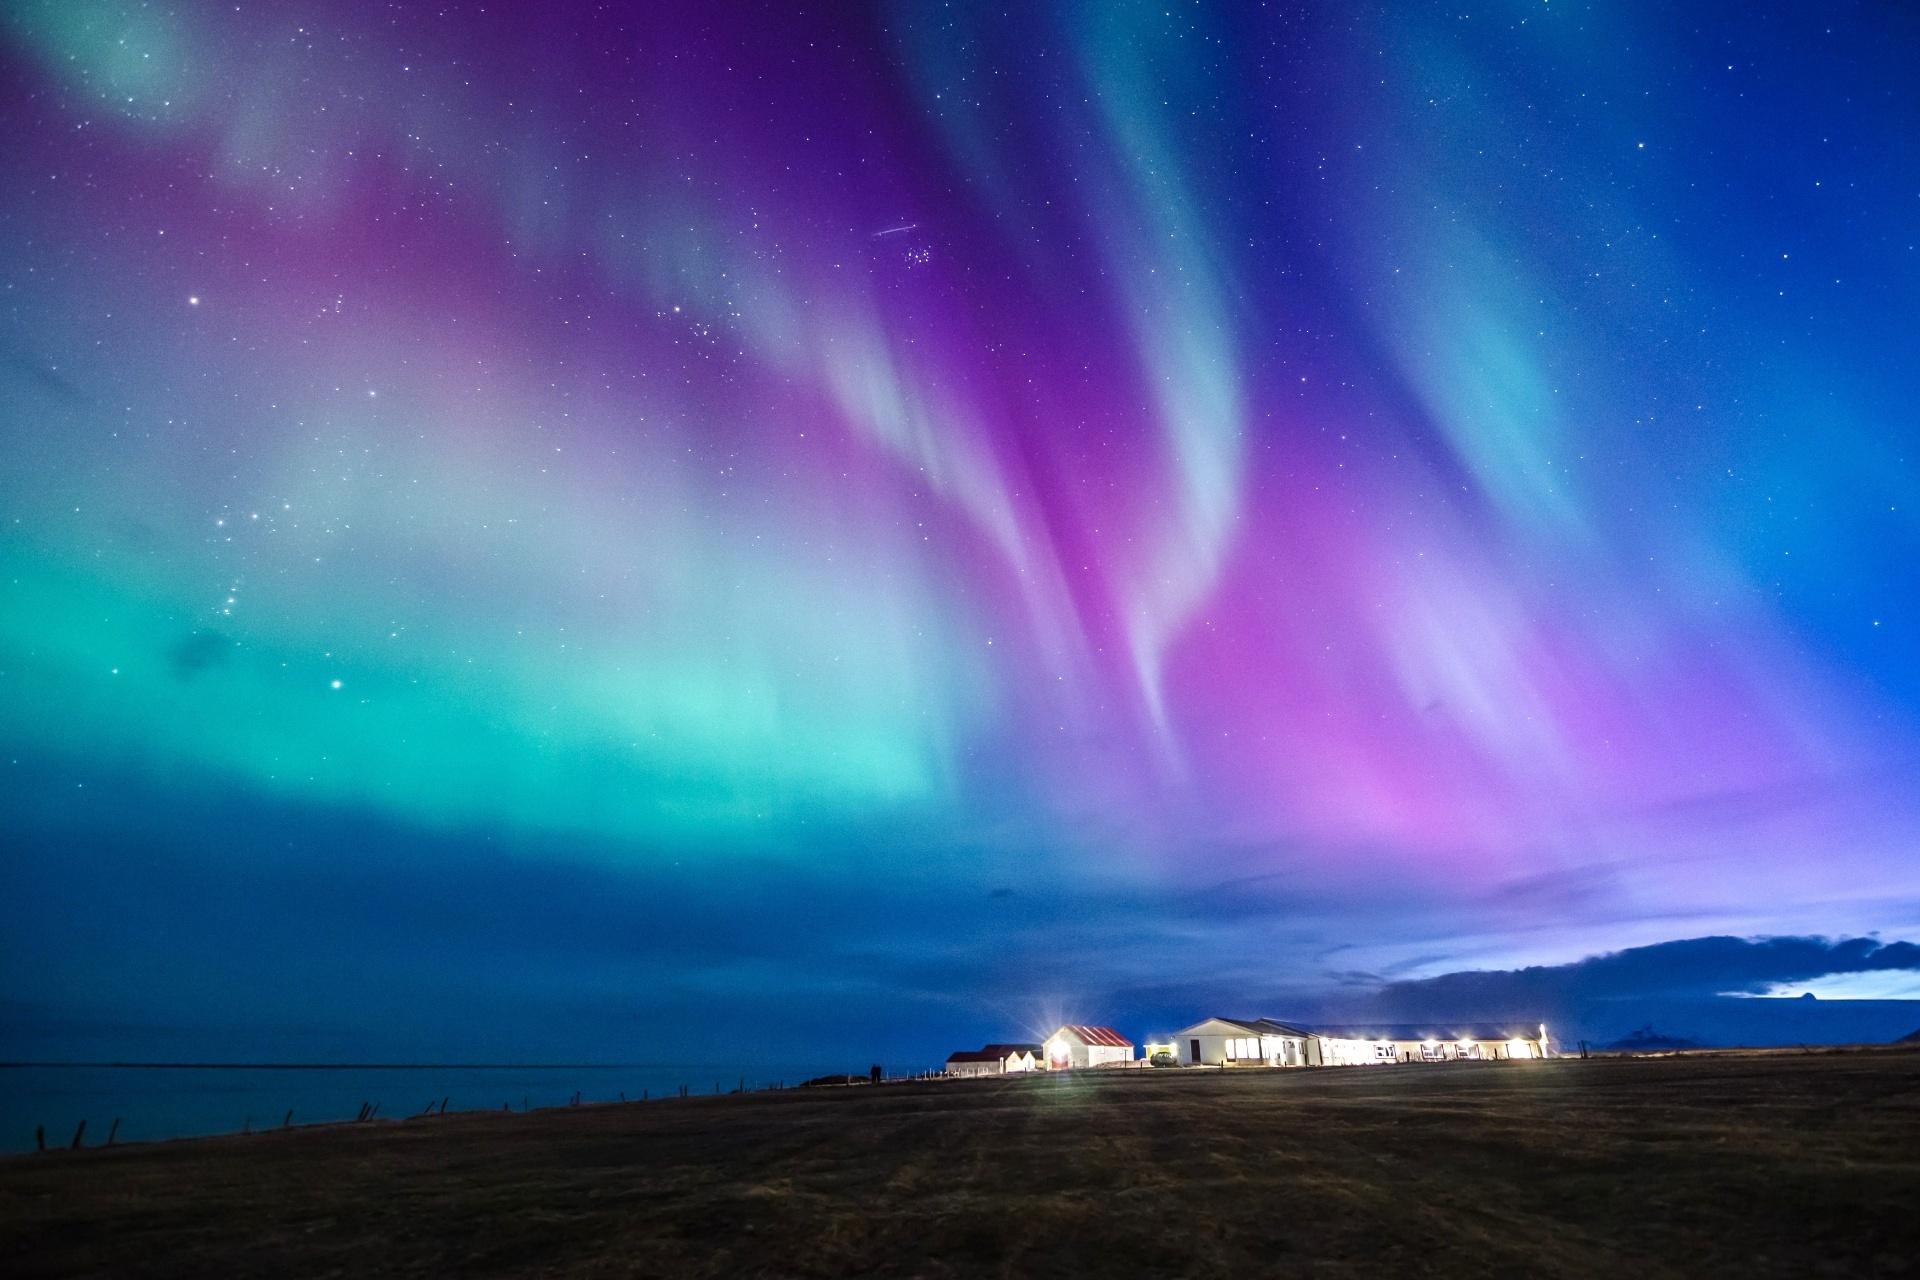 アイスランドのオーロラの風景